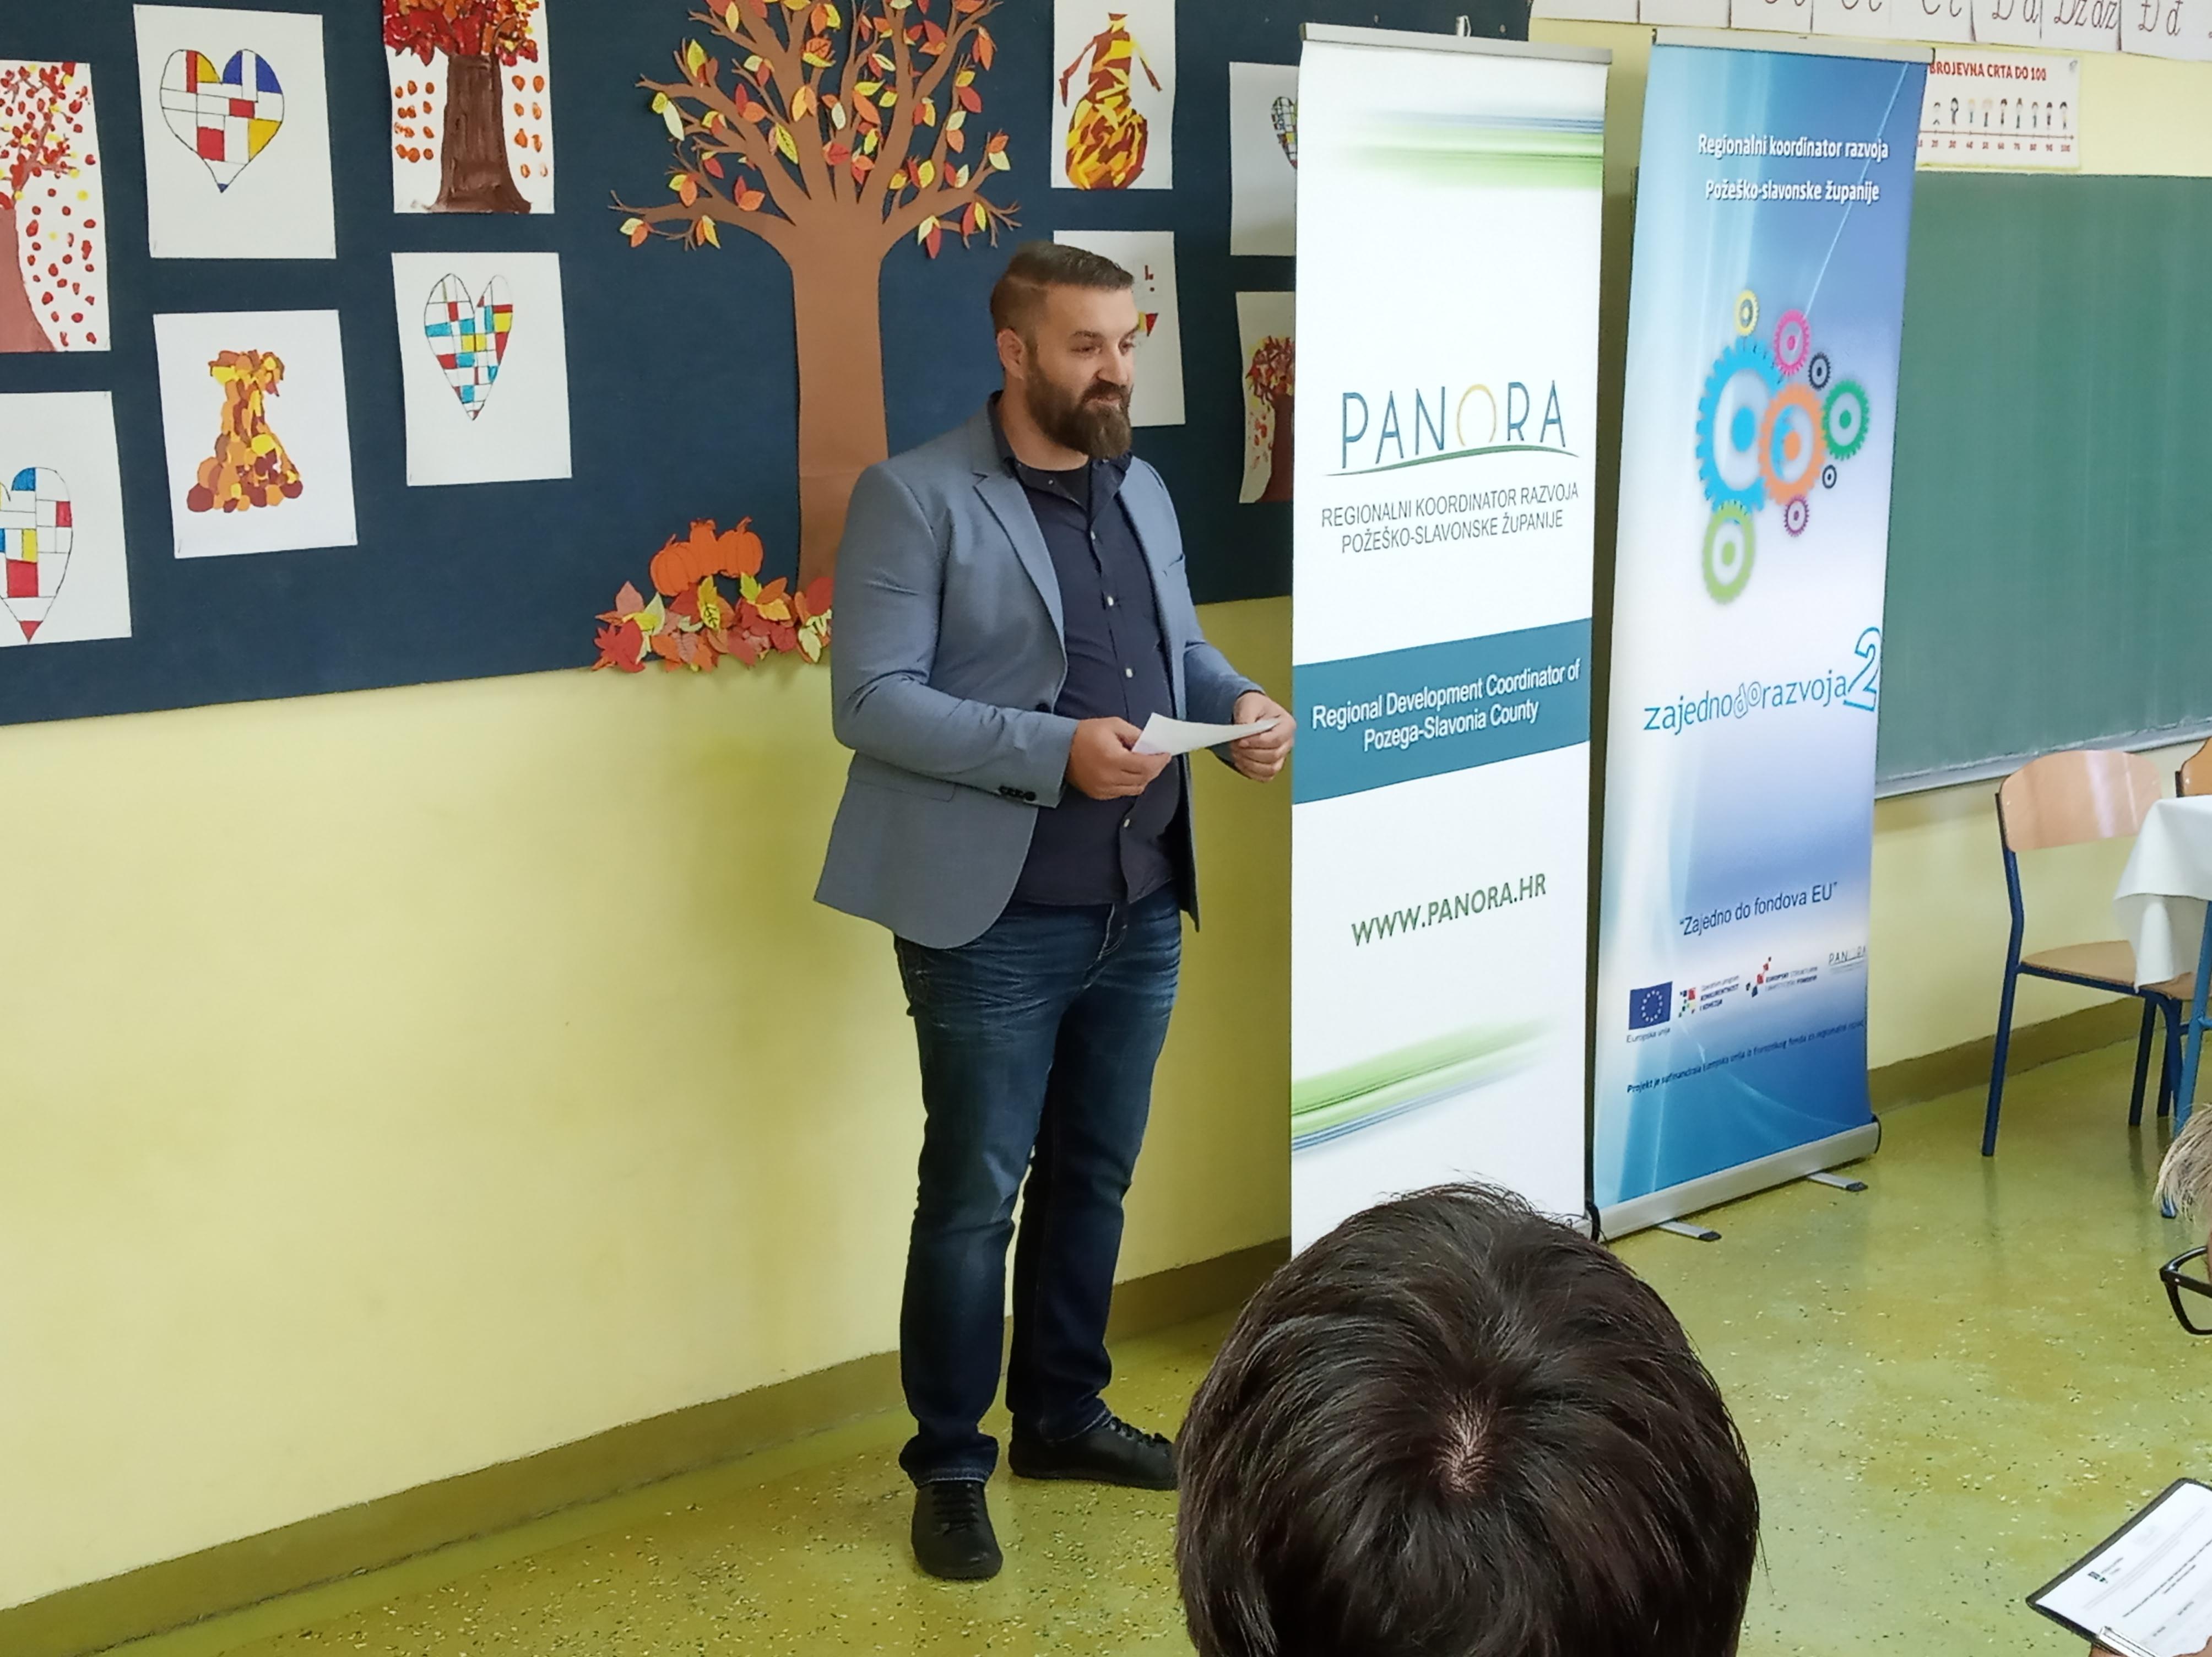 Pomoćnik ravnateljice Regionalnog koordinatora razvoja Požeško-slavonske županije, Anton Devčić